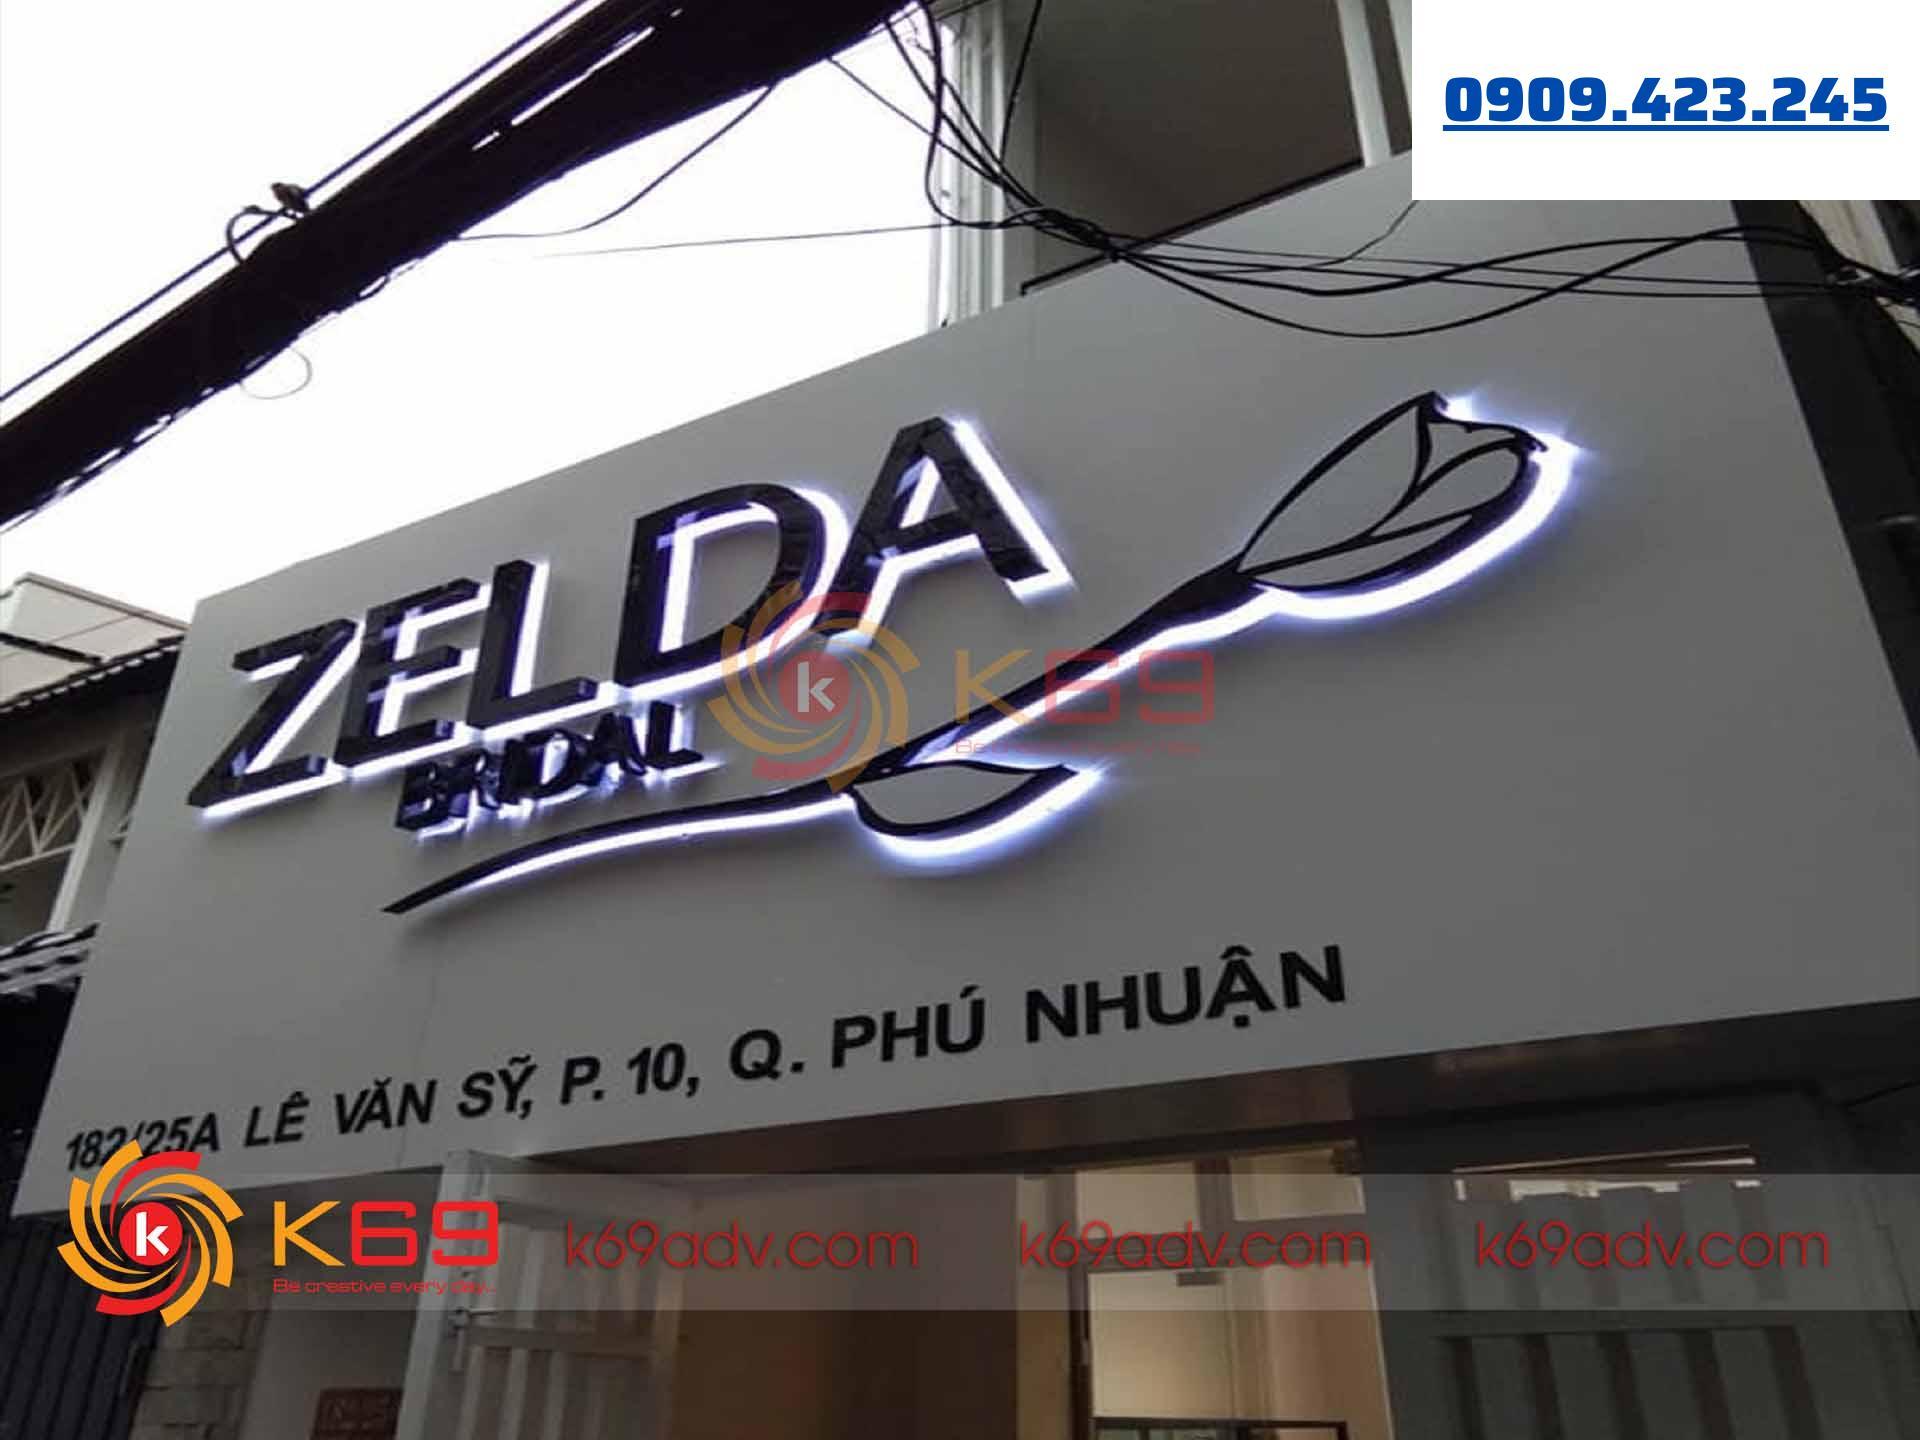 Làm bảng hiệu tại quận Phú Nhuận cho shop do K69adv thi công